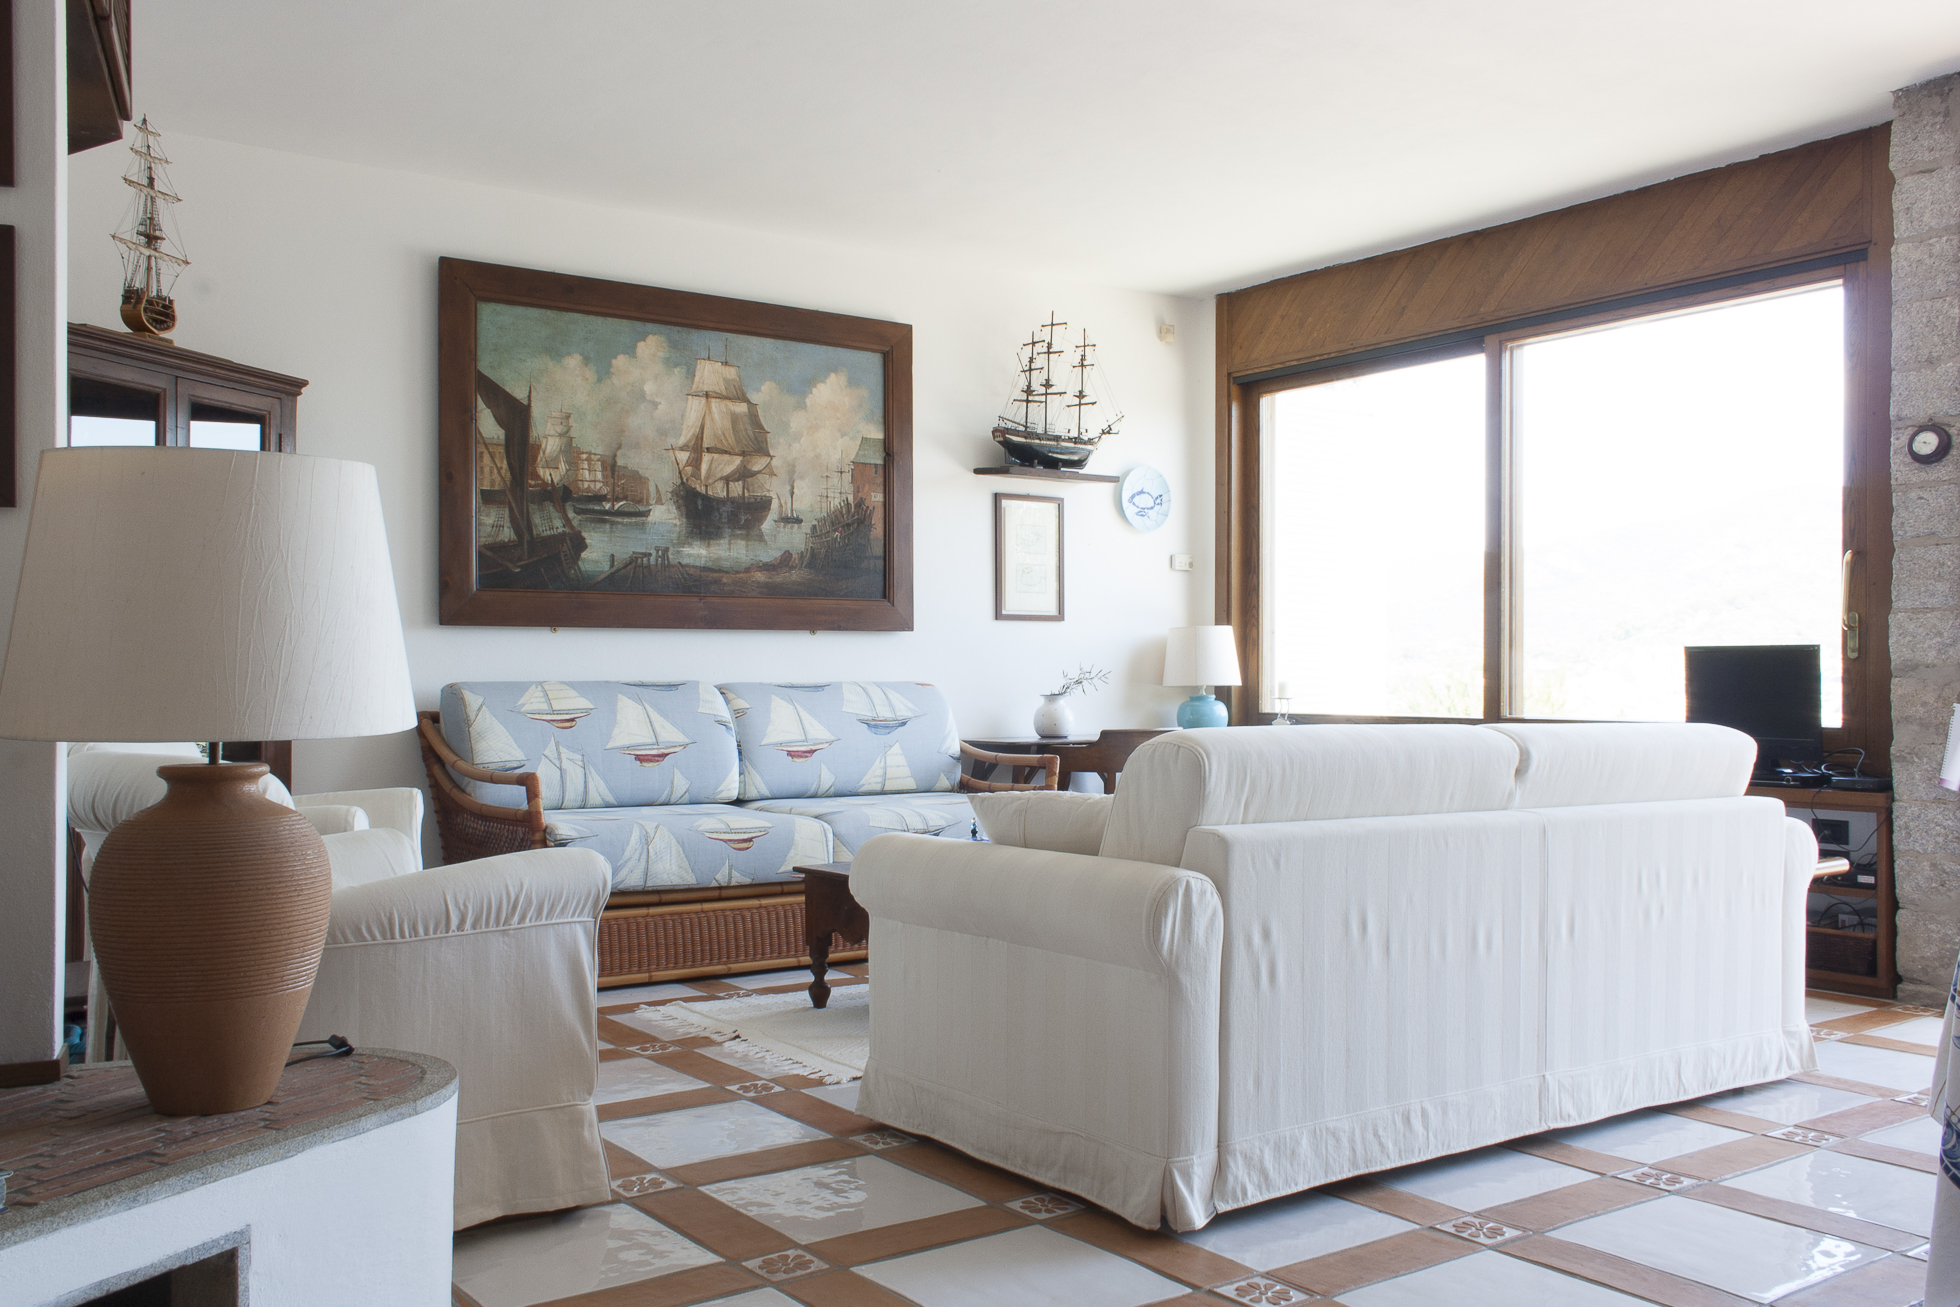 Ferienhaus TERRAZZA SUL MARE (2334401), Marina di Campo, Elba, Toskana, Italien, Bild 6